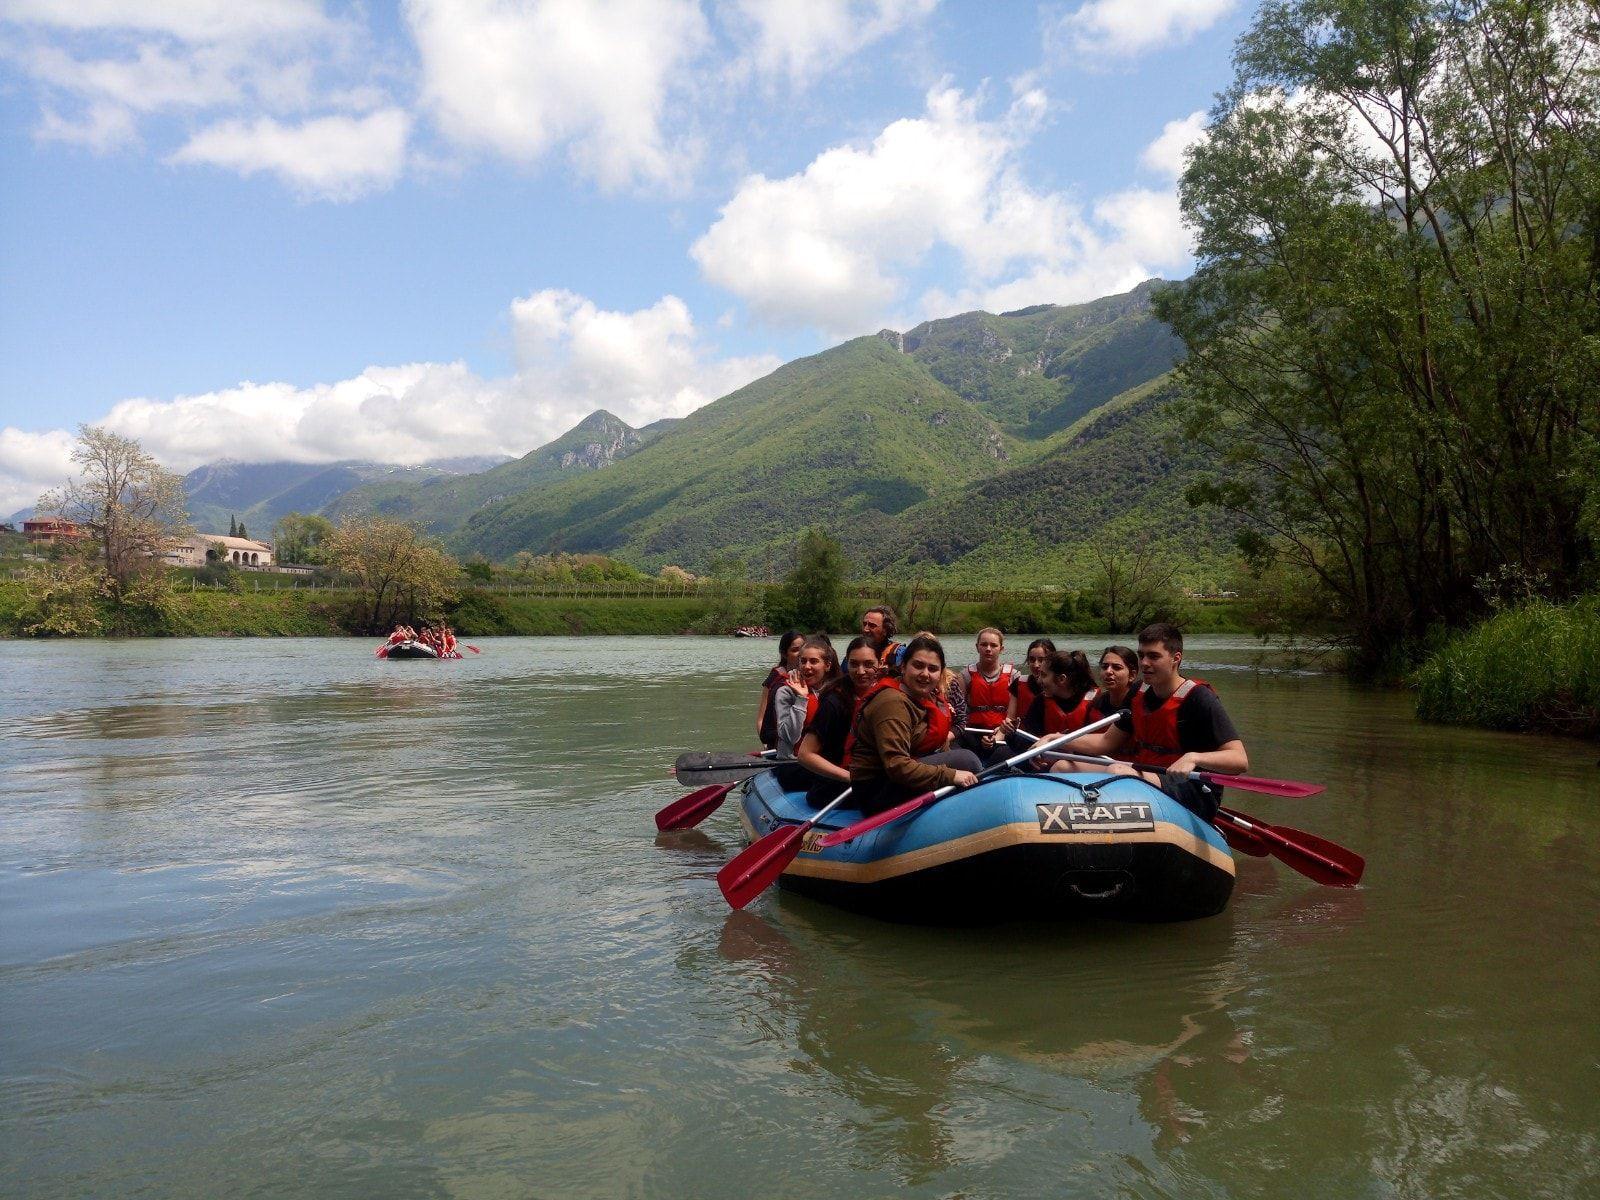 Discesa di rafting sull'Adige in Val Lagarina